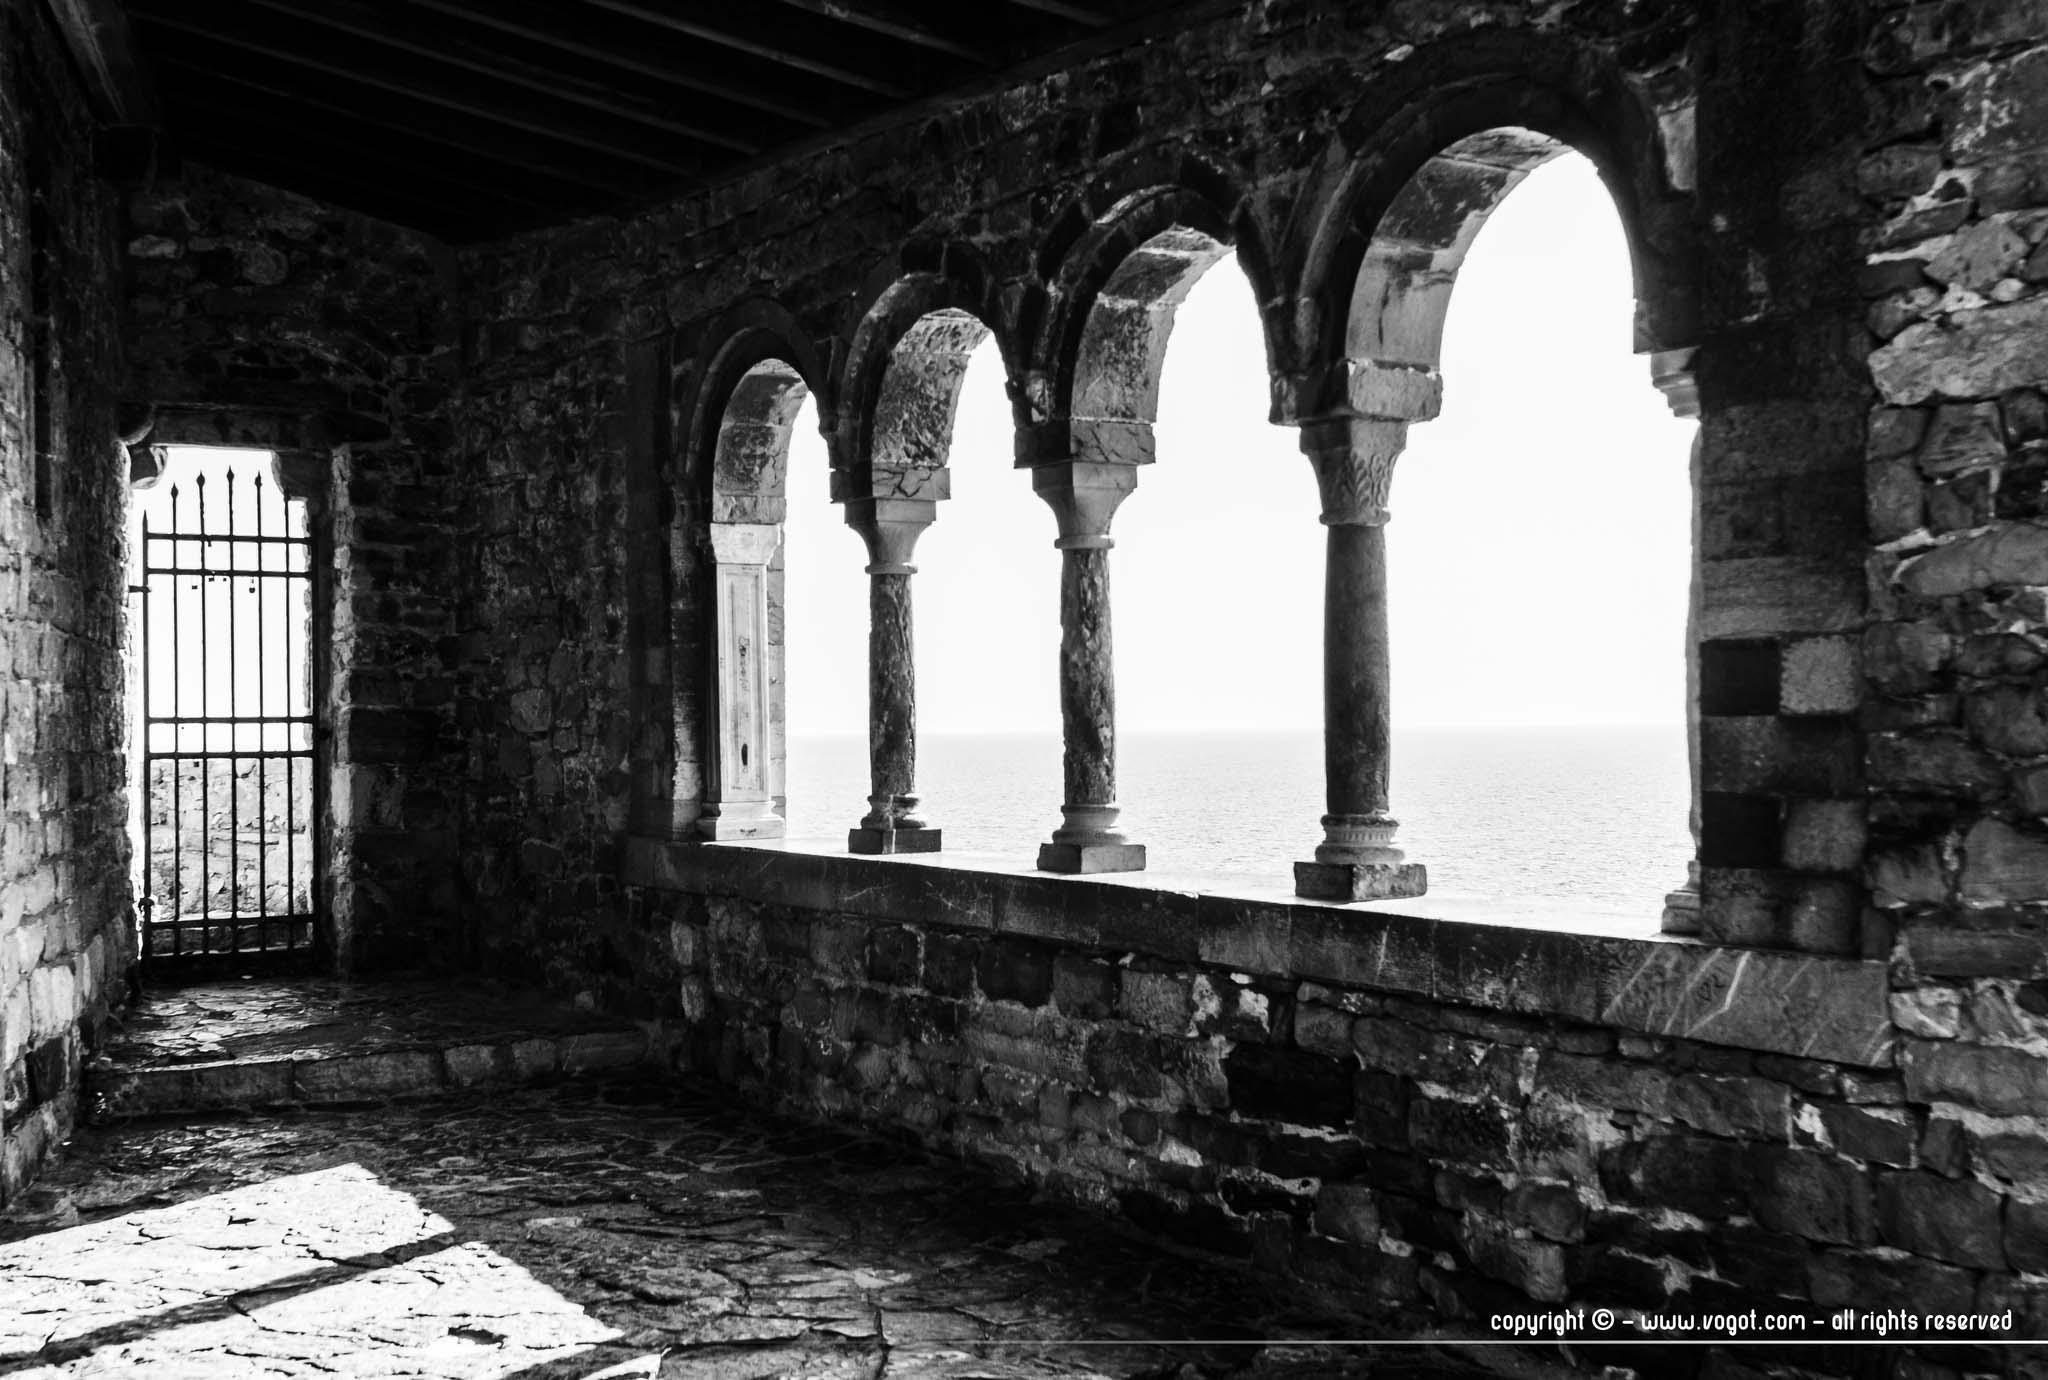 La Chiesa San Pietro de Portovenere qui donne sur la mer en noir et blanc